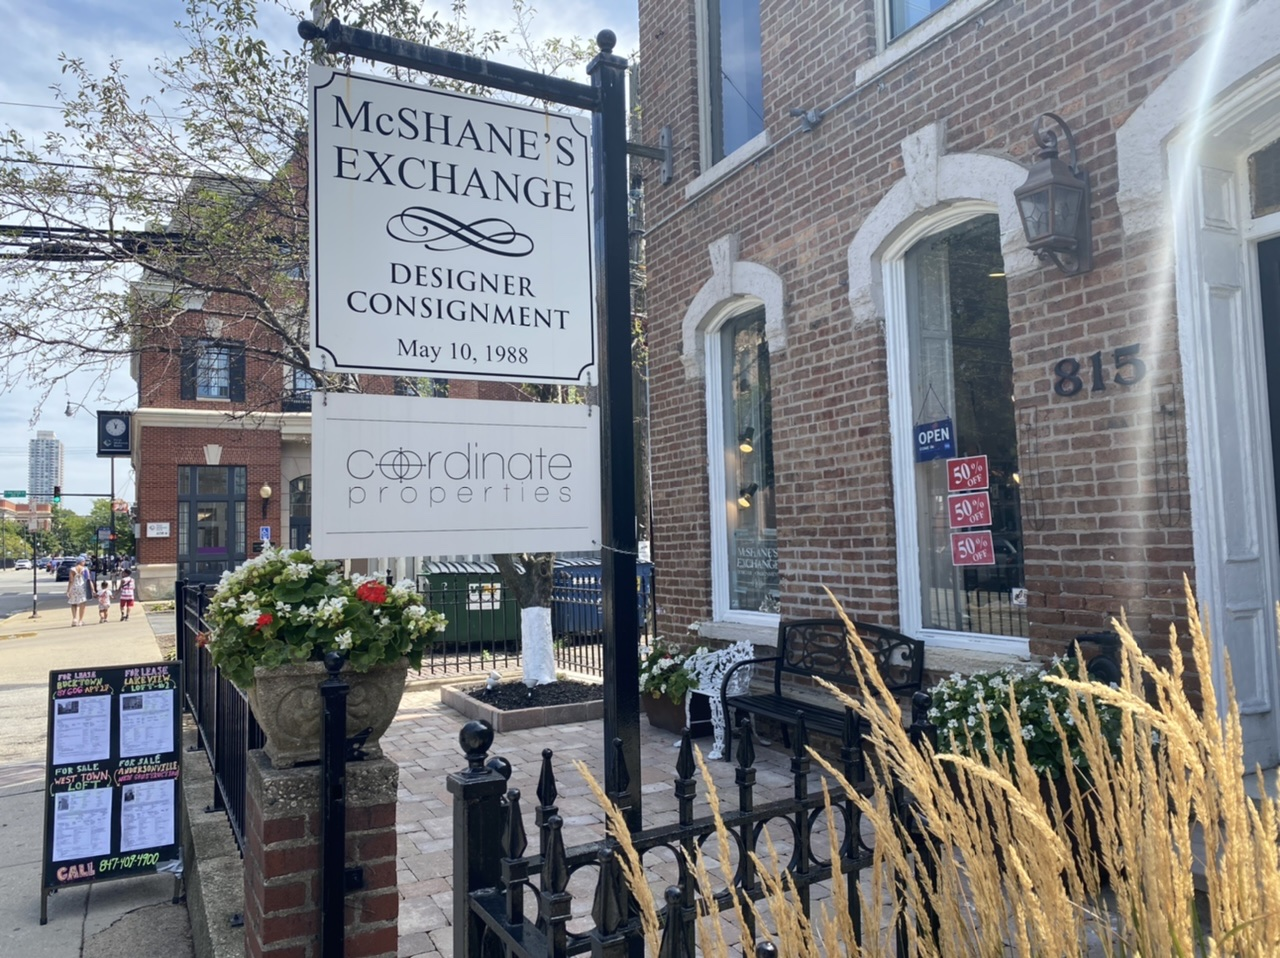 McShane's Exchange